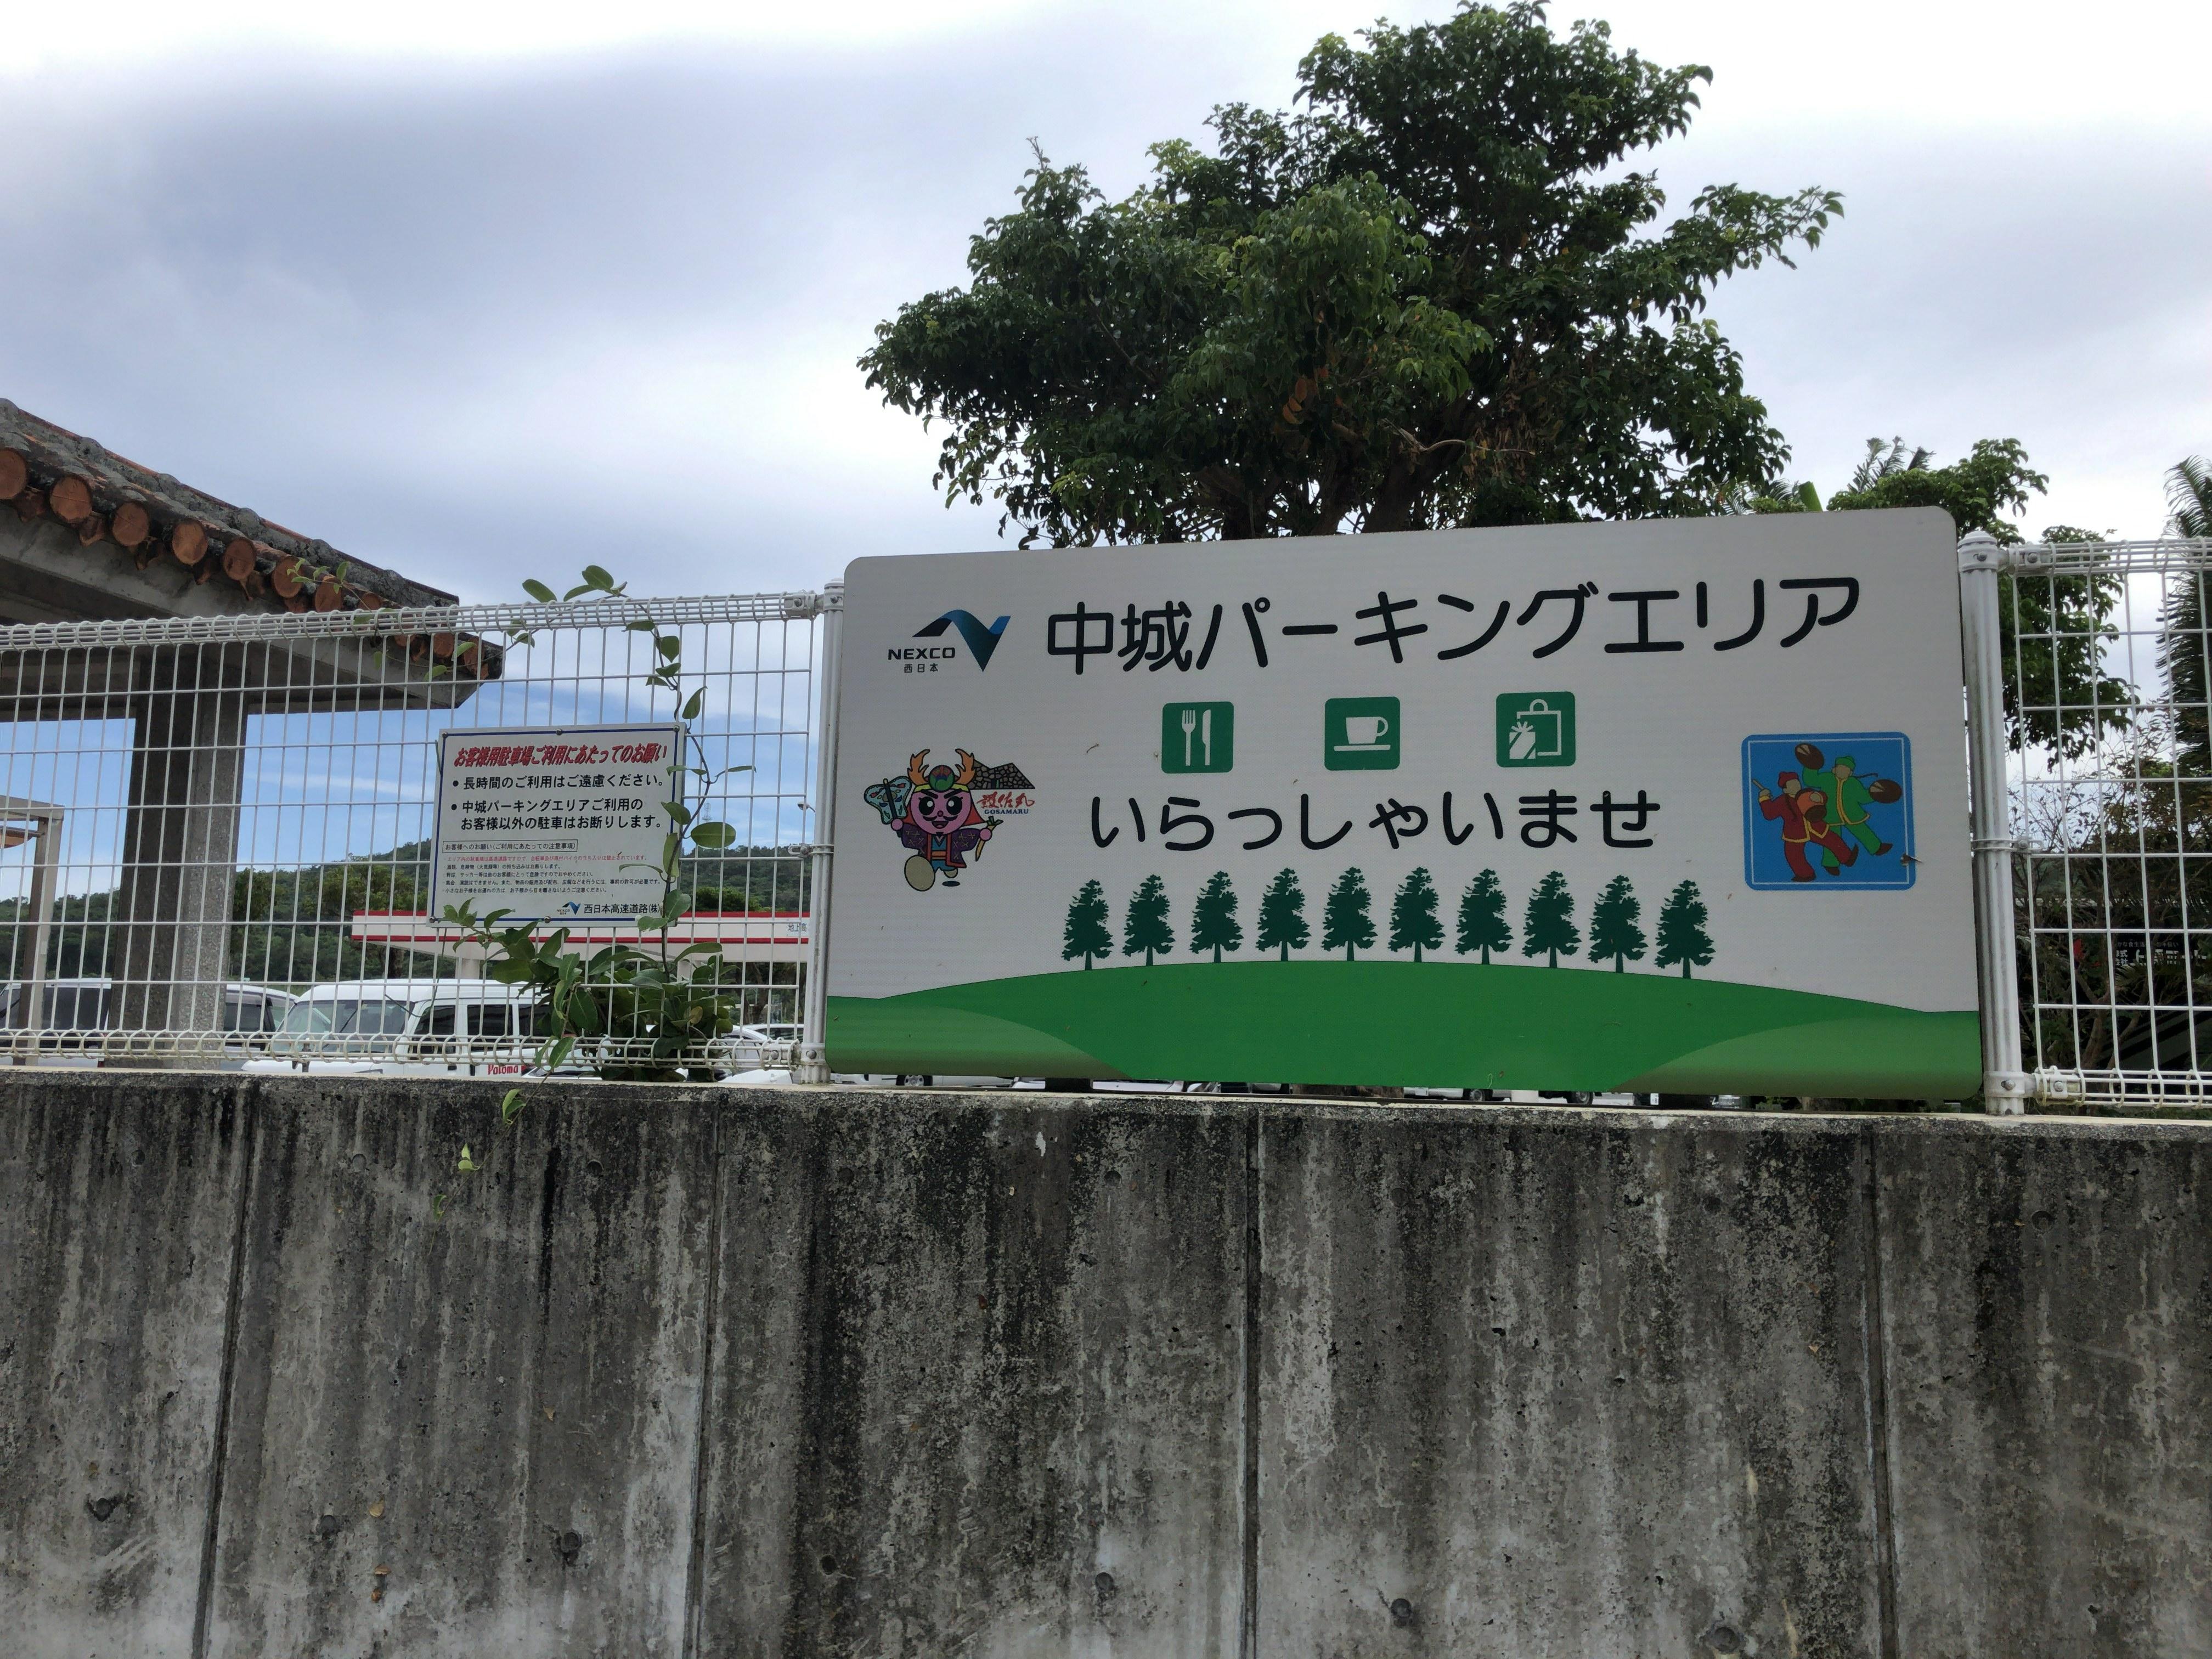 『中城PA(下り)玉家そば』パーキングエリアで本格的な沖縄そばが食べれます